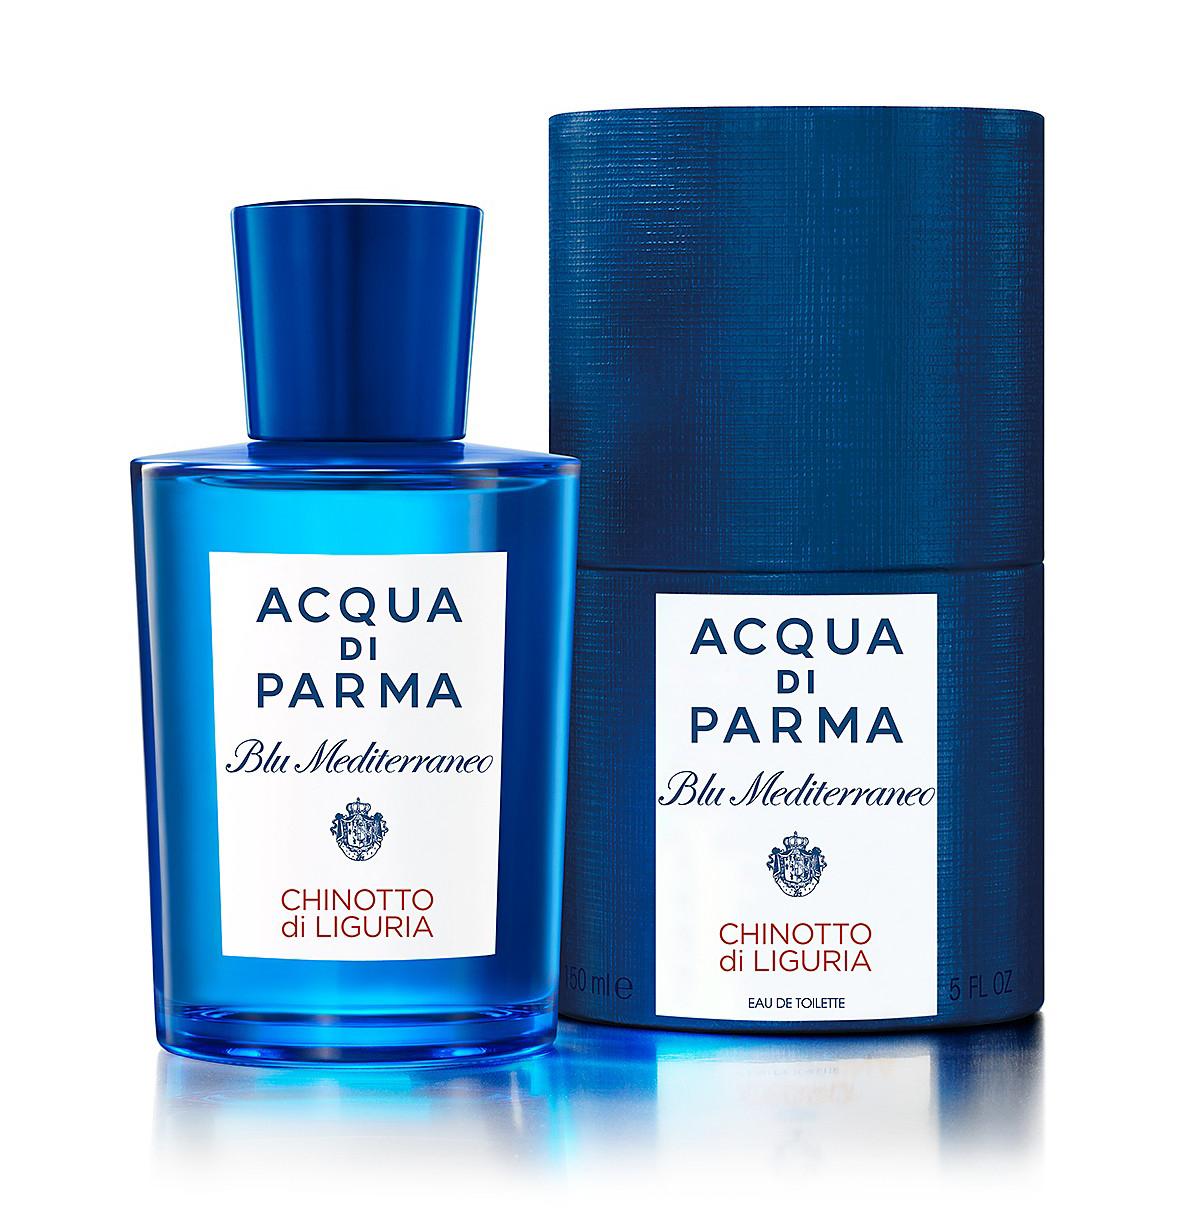 Acqua di Parma - Blu Mediterraneo - Chinotto Di Liguria - Eau de Toilette